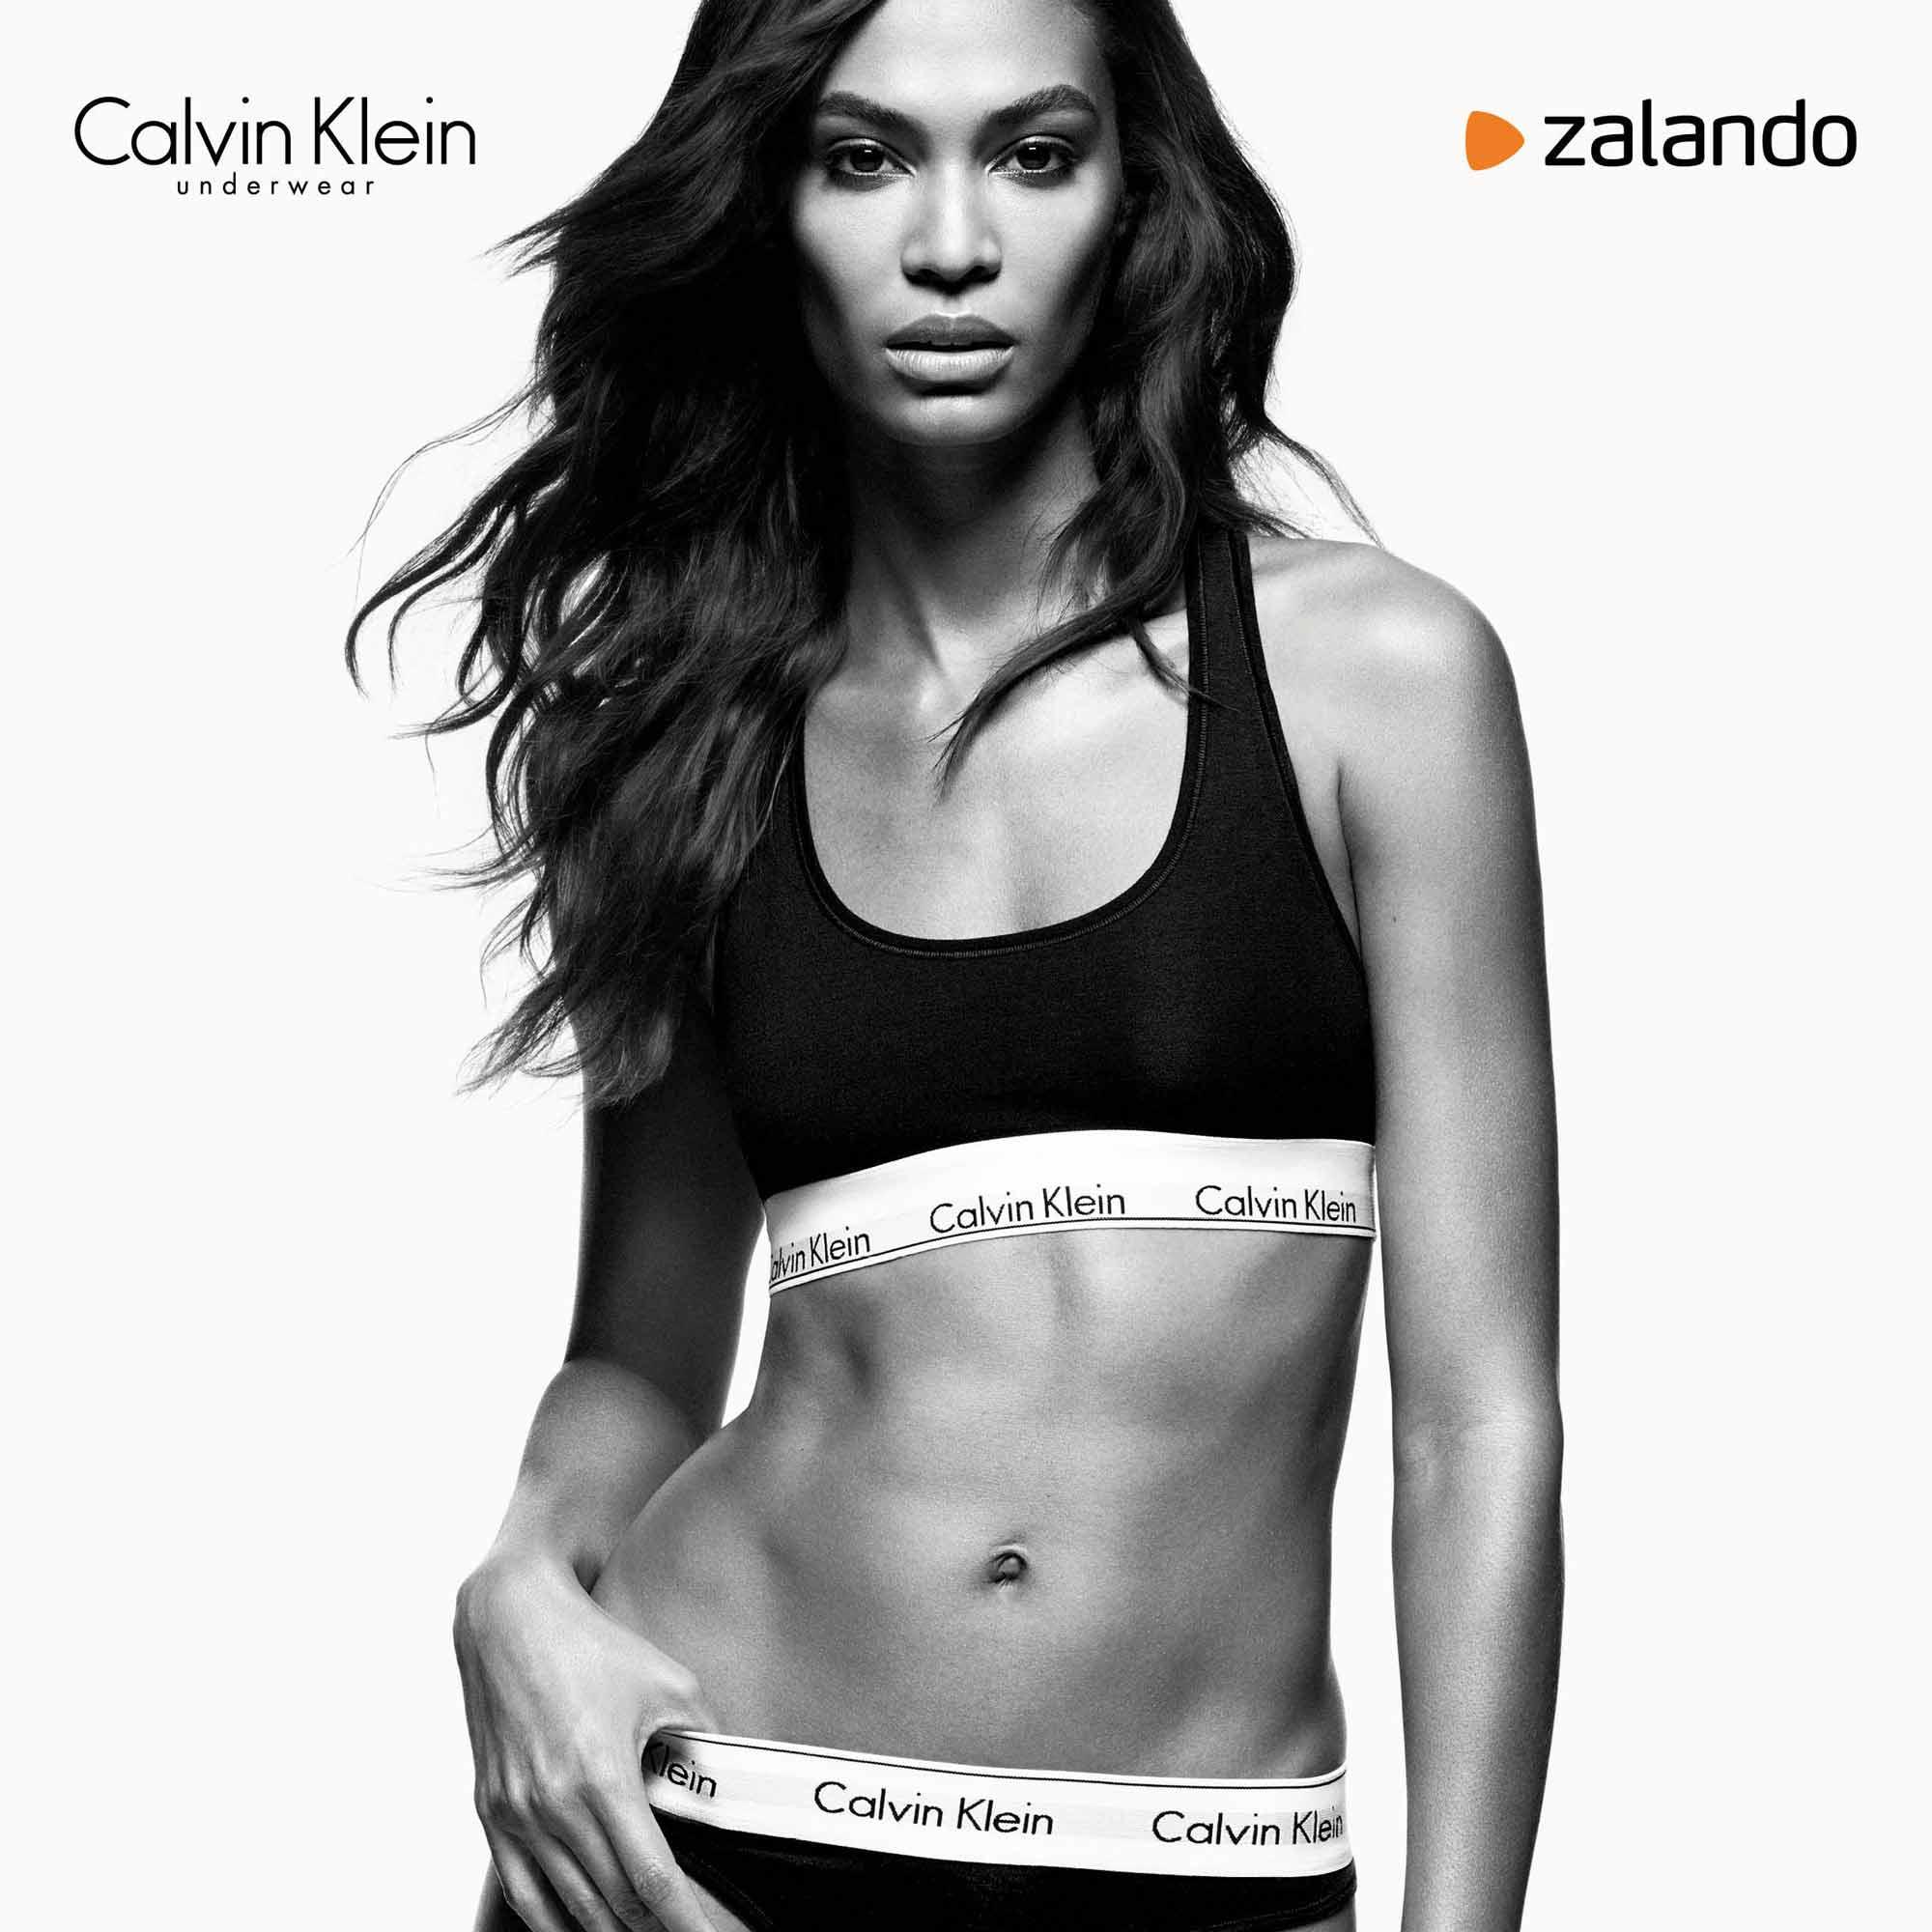 Remises Zalando : un excellent moyen pour acheter futé